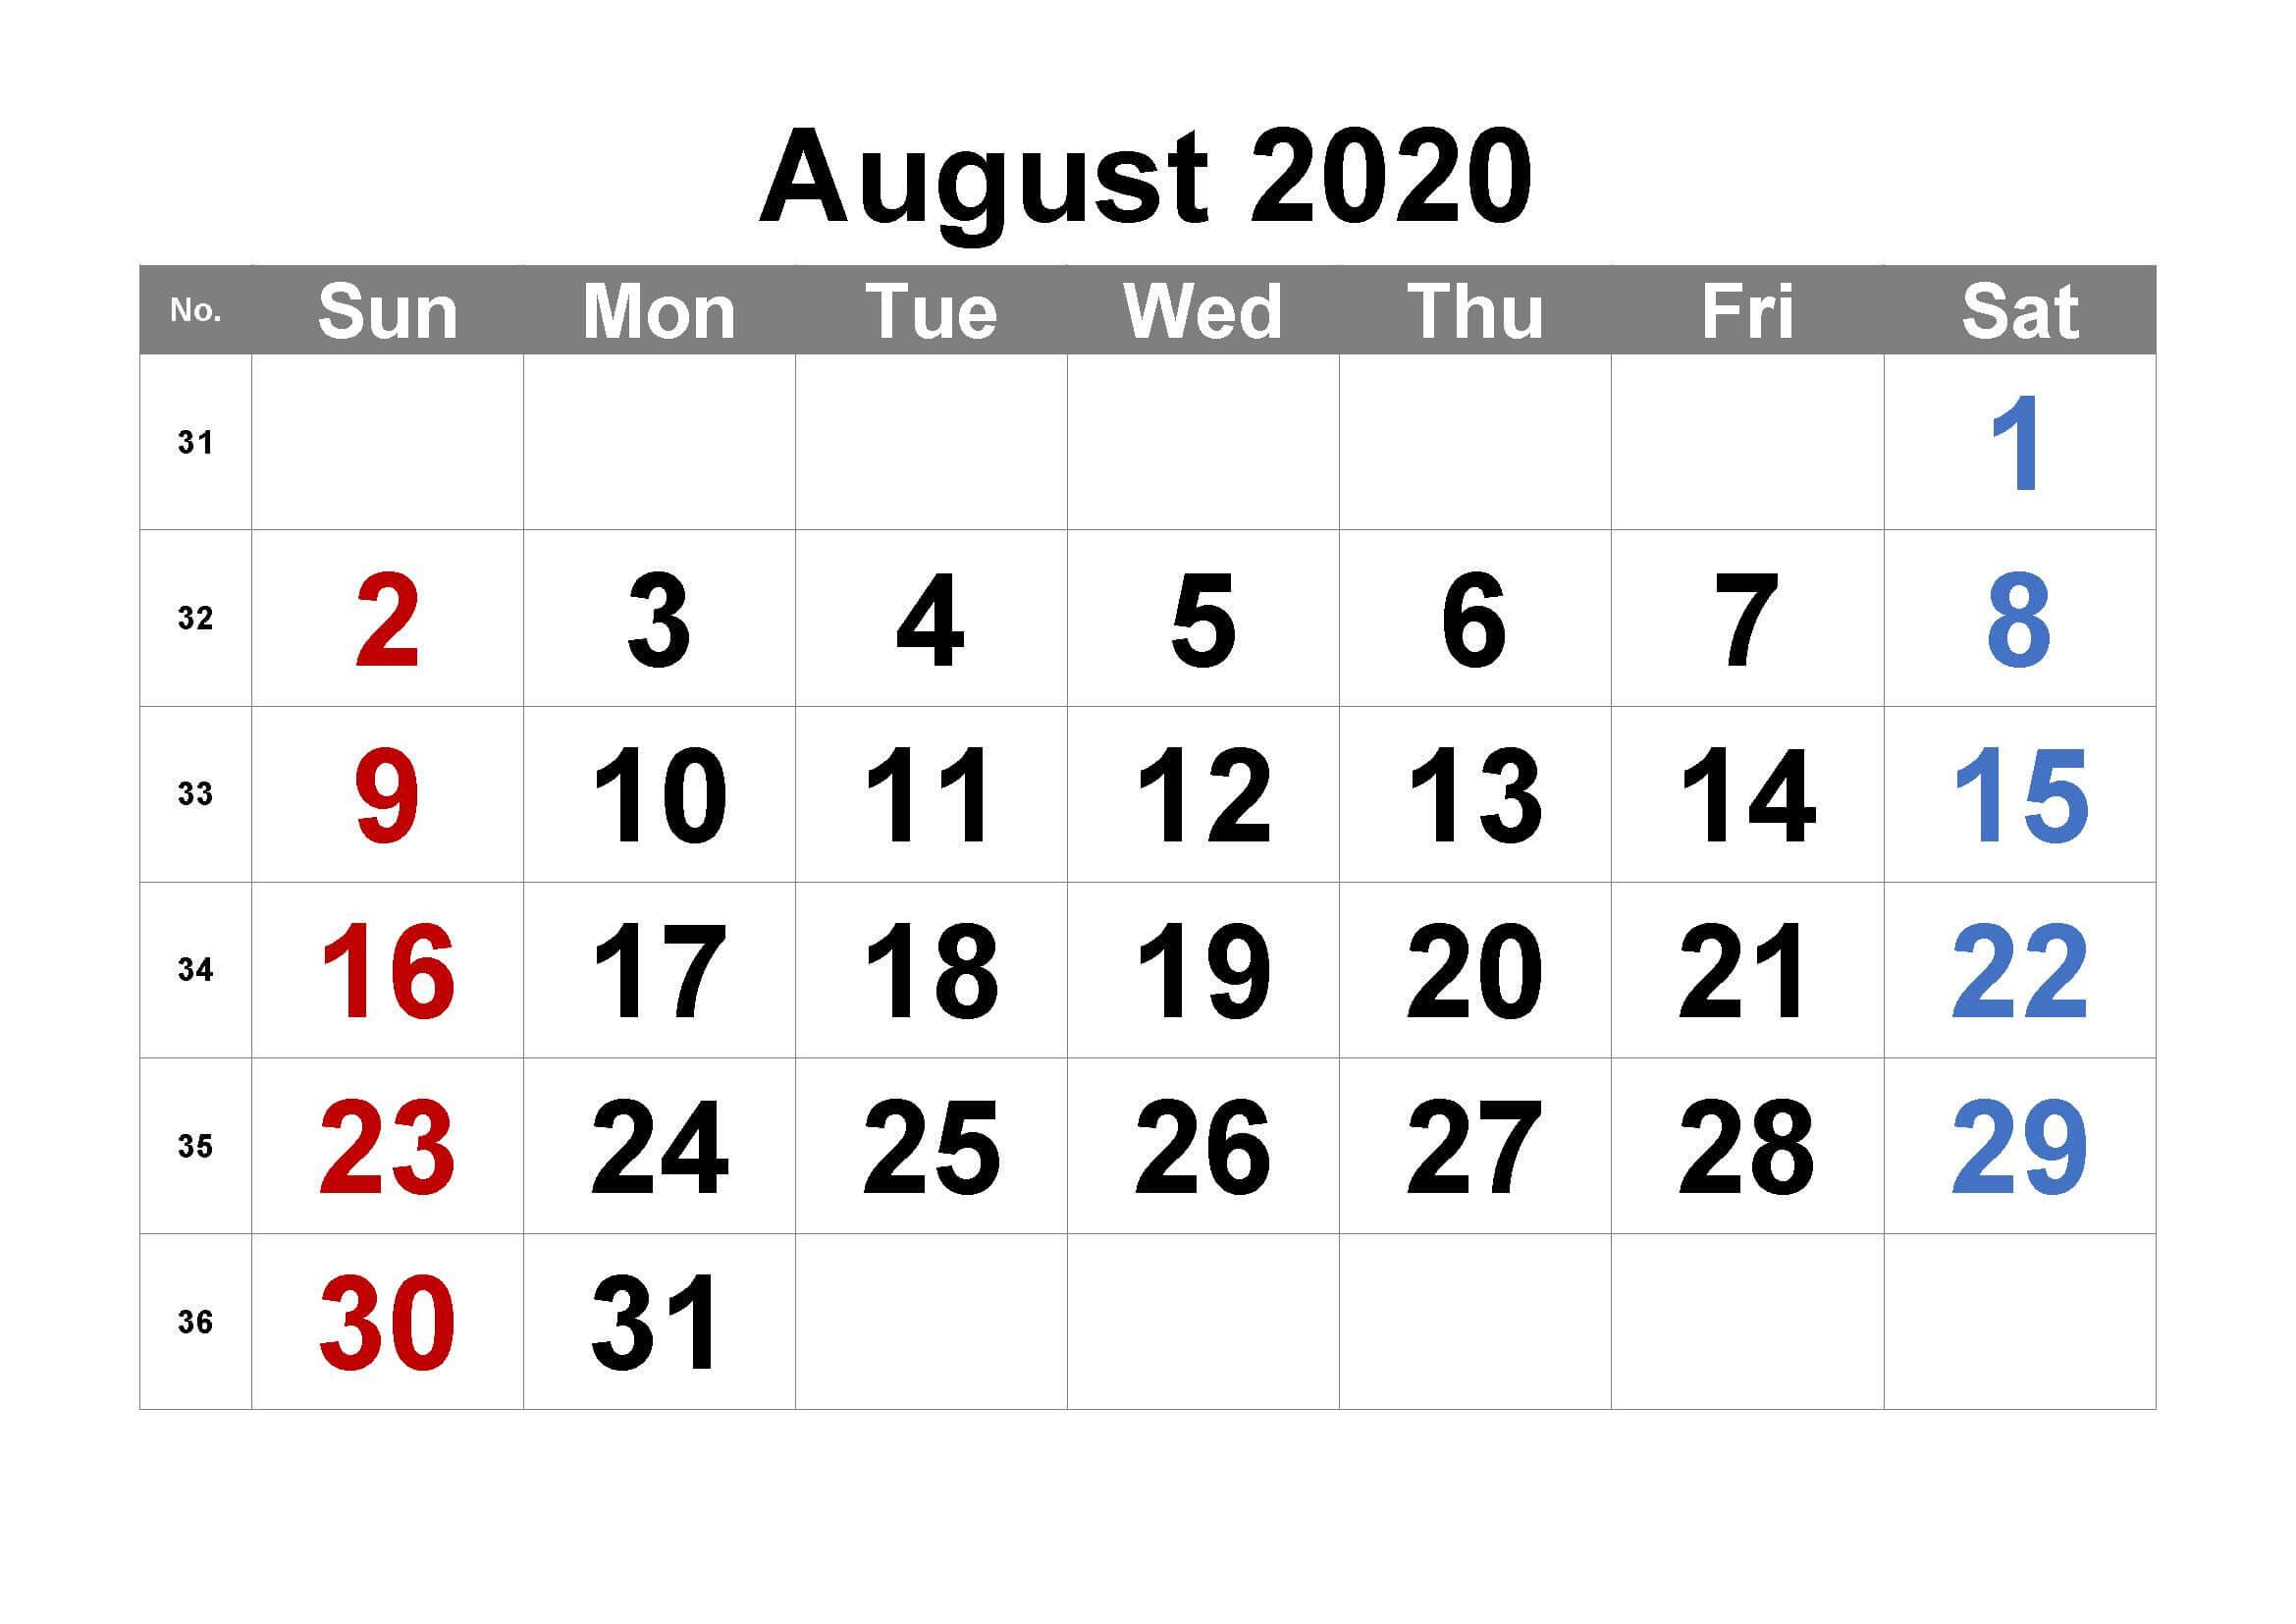 August Calendar 2020 Template free